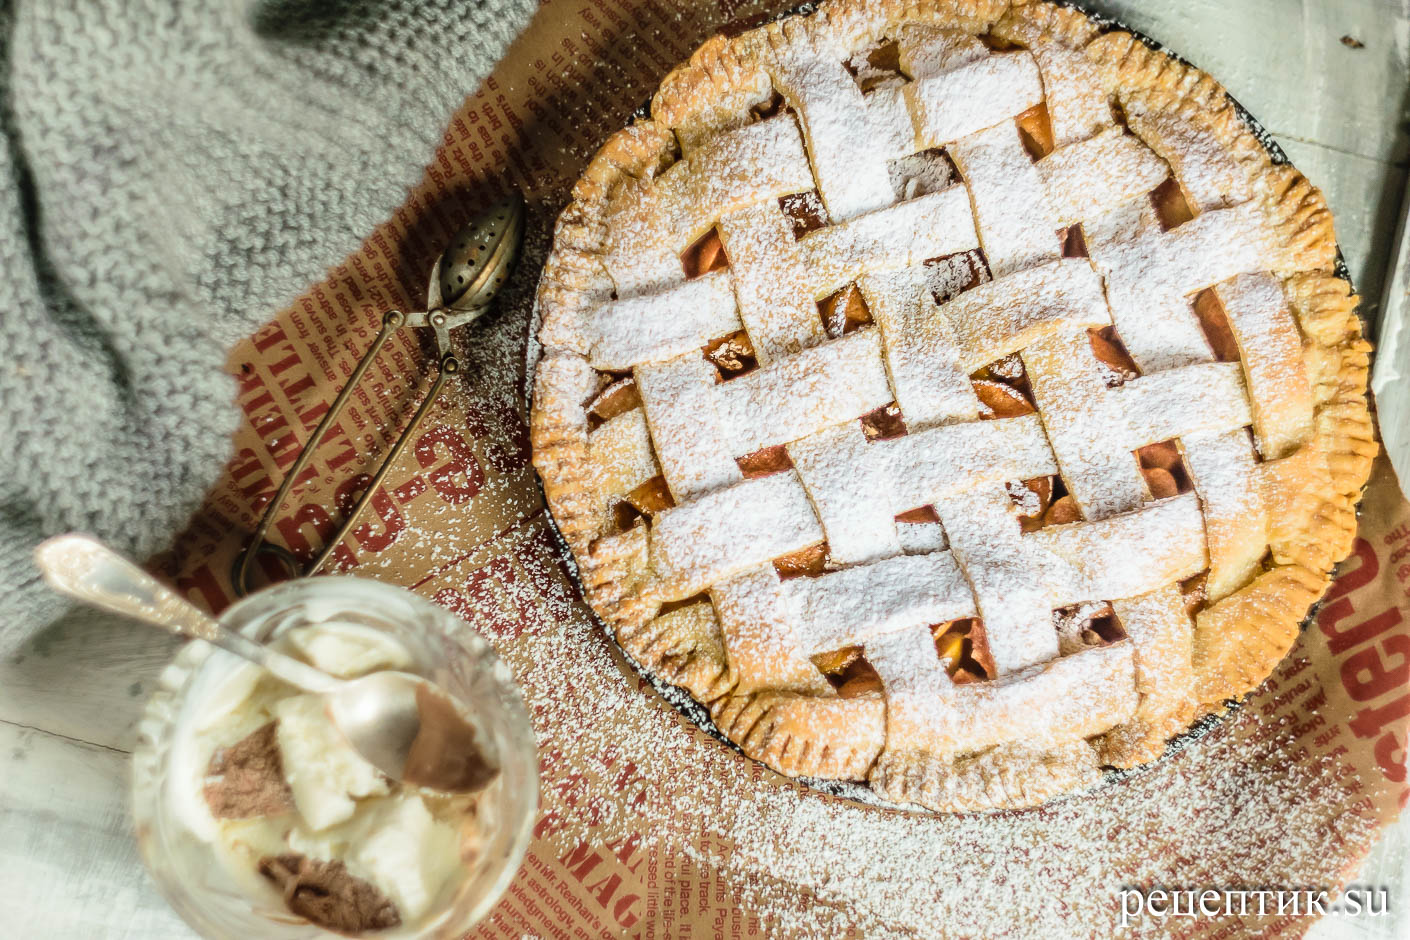 Яблочный пирог с решеткой из песочного теста - рецепт с фото, результат